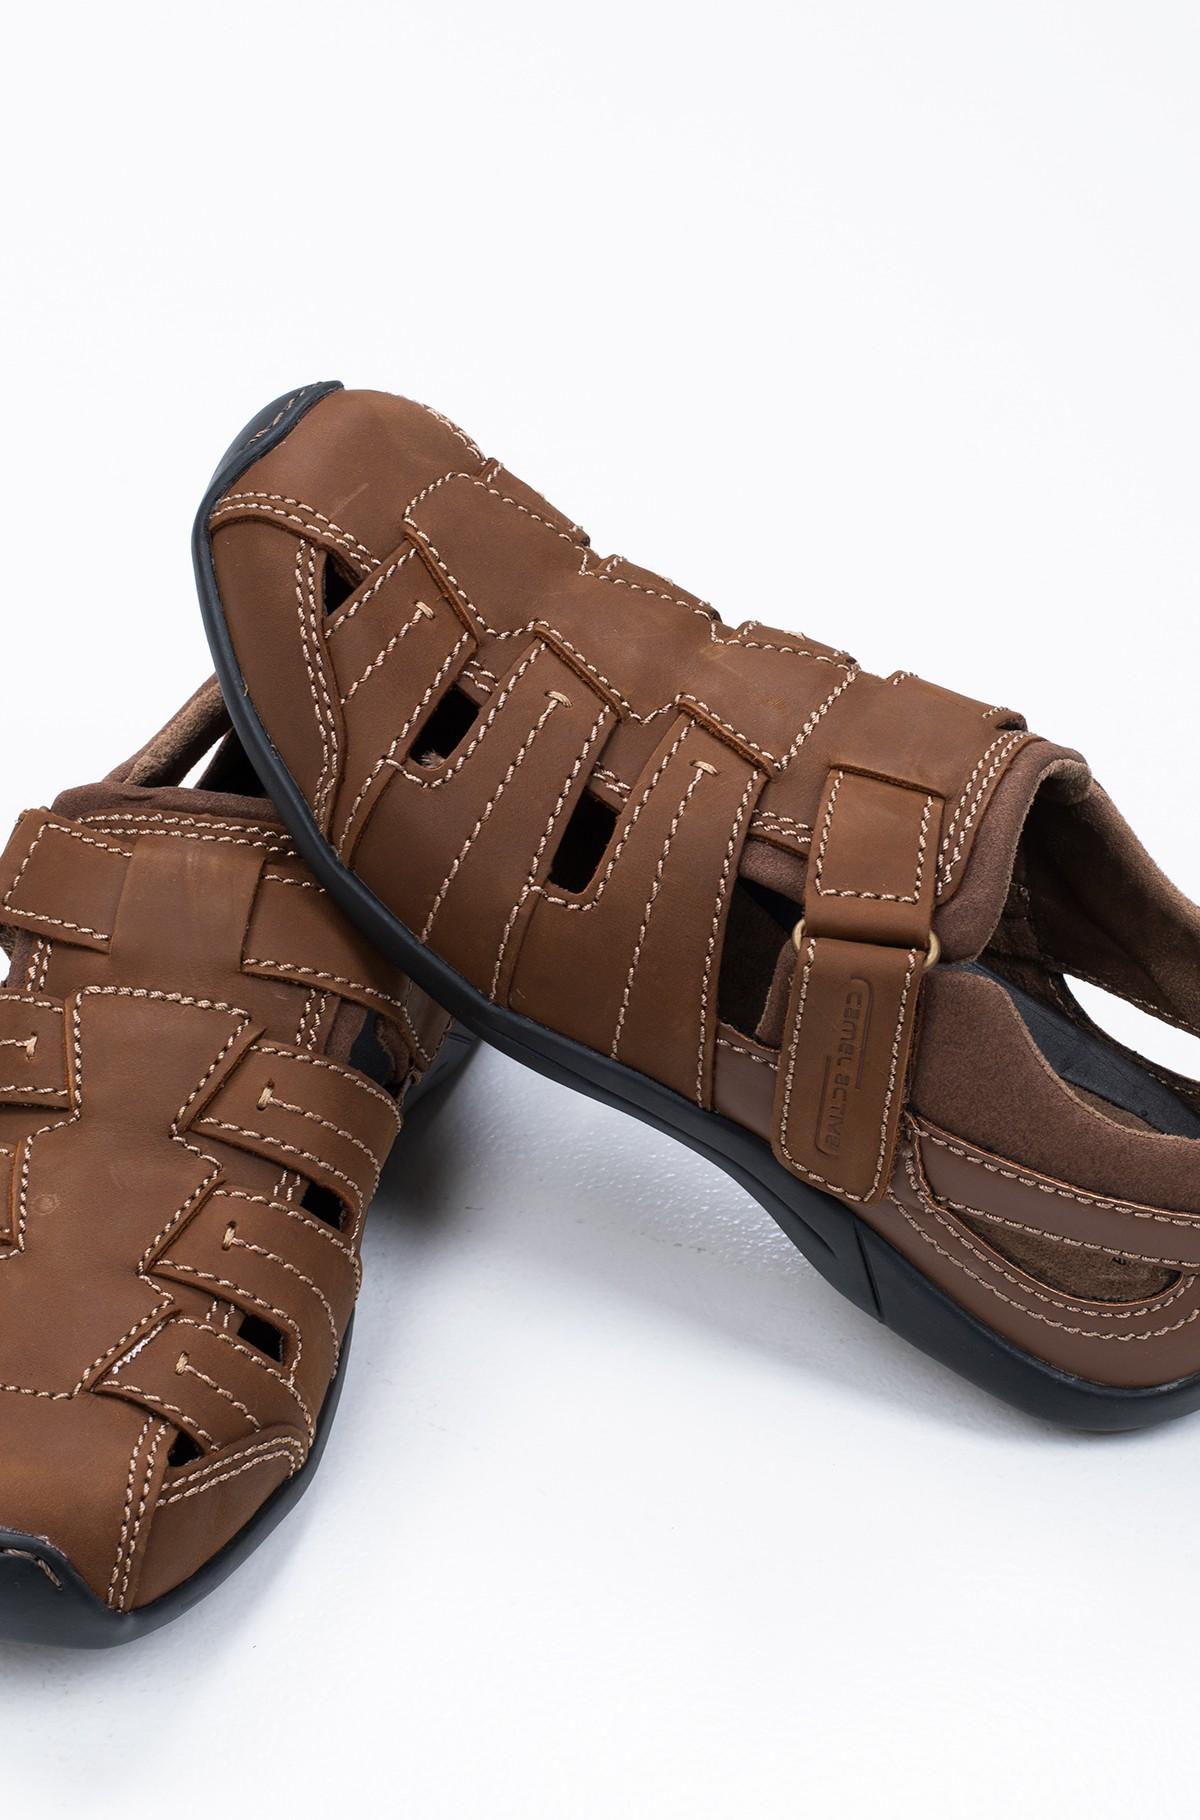 Kinnised sandaalid 292.12.10-full-3